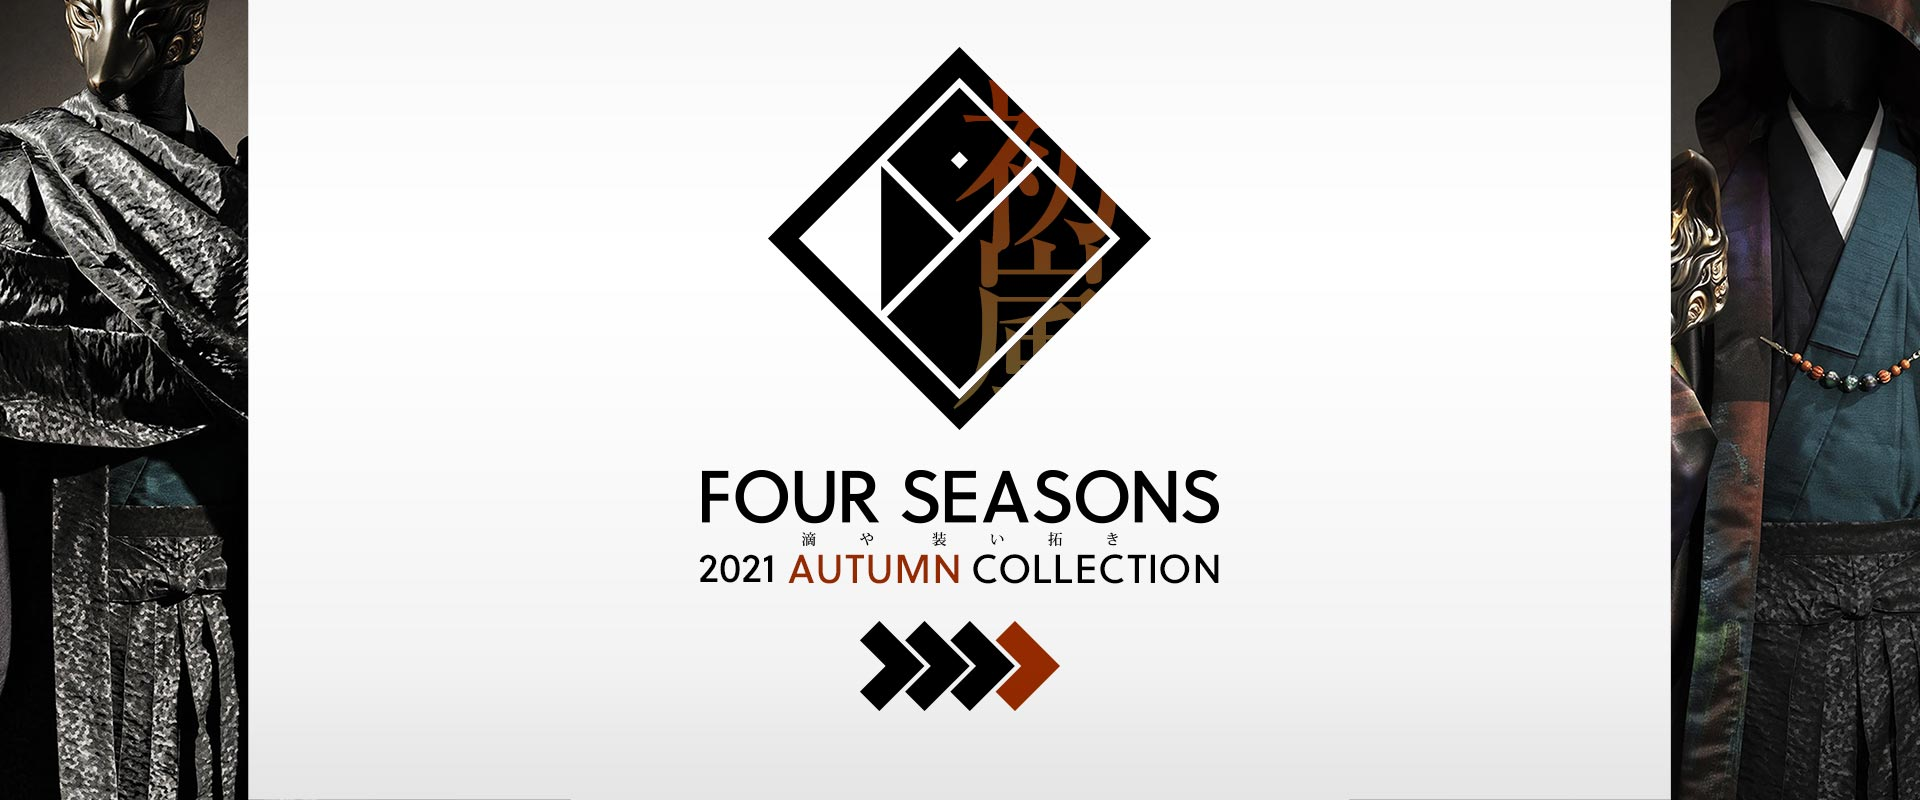 [PHOTO:FOUR SEASONS 2021 AUTUMN COLLECTION]